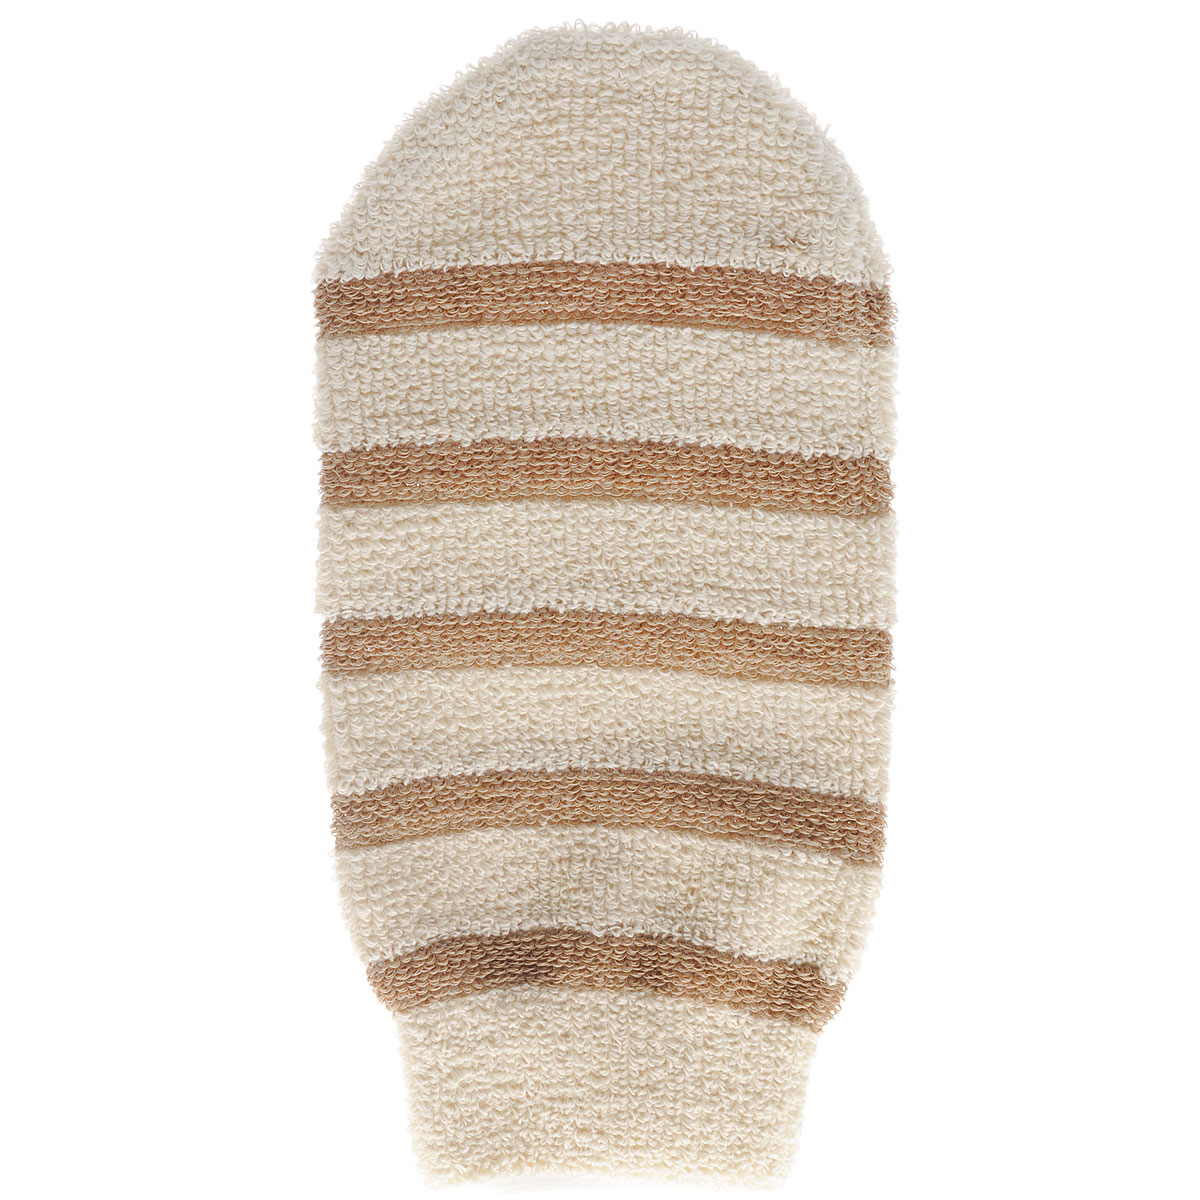 Мочалка-рукавица Riffi, с массажными полосками, цвет: бежевый5010777139655Мочалка-рукавица Riffi применяется для мытья тела, благодаря массажным полоскам обладает активным пилинговым действием, тонизируя, массируя и эффективно очищая вашу кожу. Интенсивный и пощипывающий свежий массаж тела с применением мочалки Riffi усиливает кровообращение, активирует кровоснабжение и улучшает общее самочувствие. Благодаря отшелушивающему эффекту, кожа освобождается от отмерших клеток, становится гладкой, упругой и свежей. Мочалка-рукавица Riffi приносит приятное расслабление всему организму. Борется с болями и спазмами в мышцах, а также эффективно предупреждает образование целлюлита. Состав: 85% хлопок, 15% полиэтилен. Товар сертифицирован.